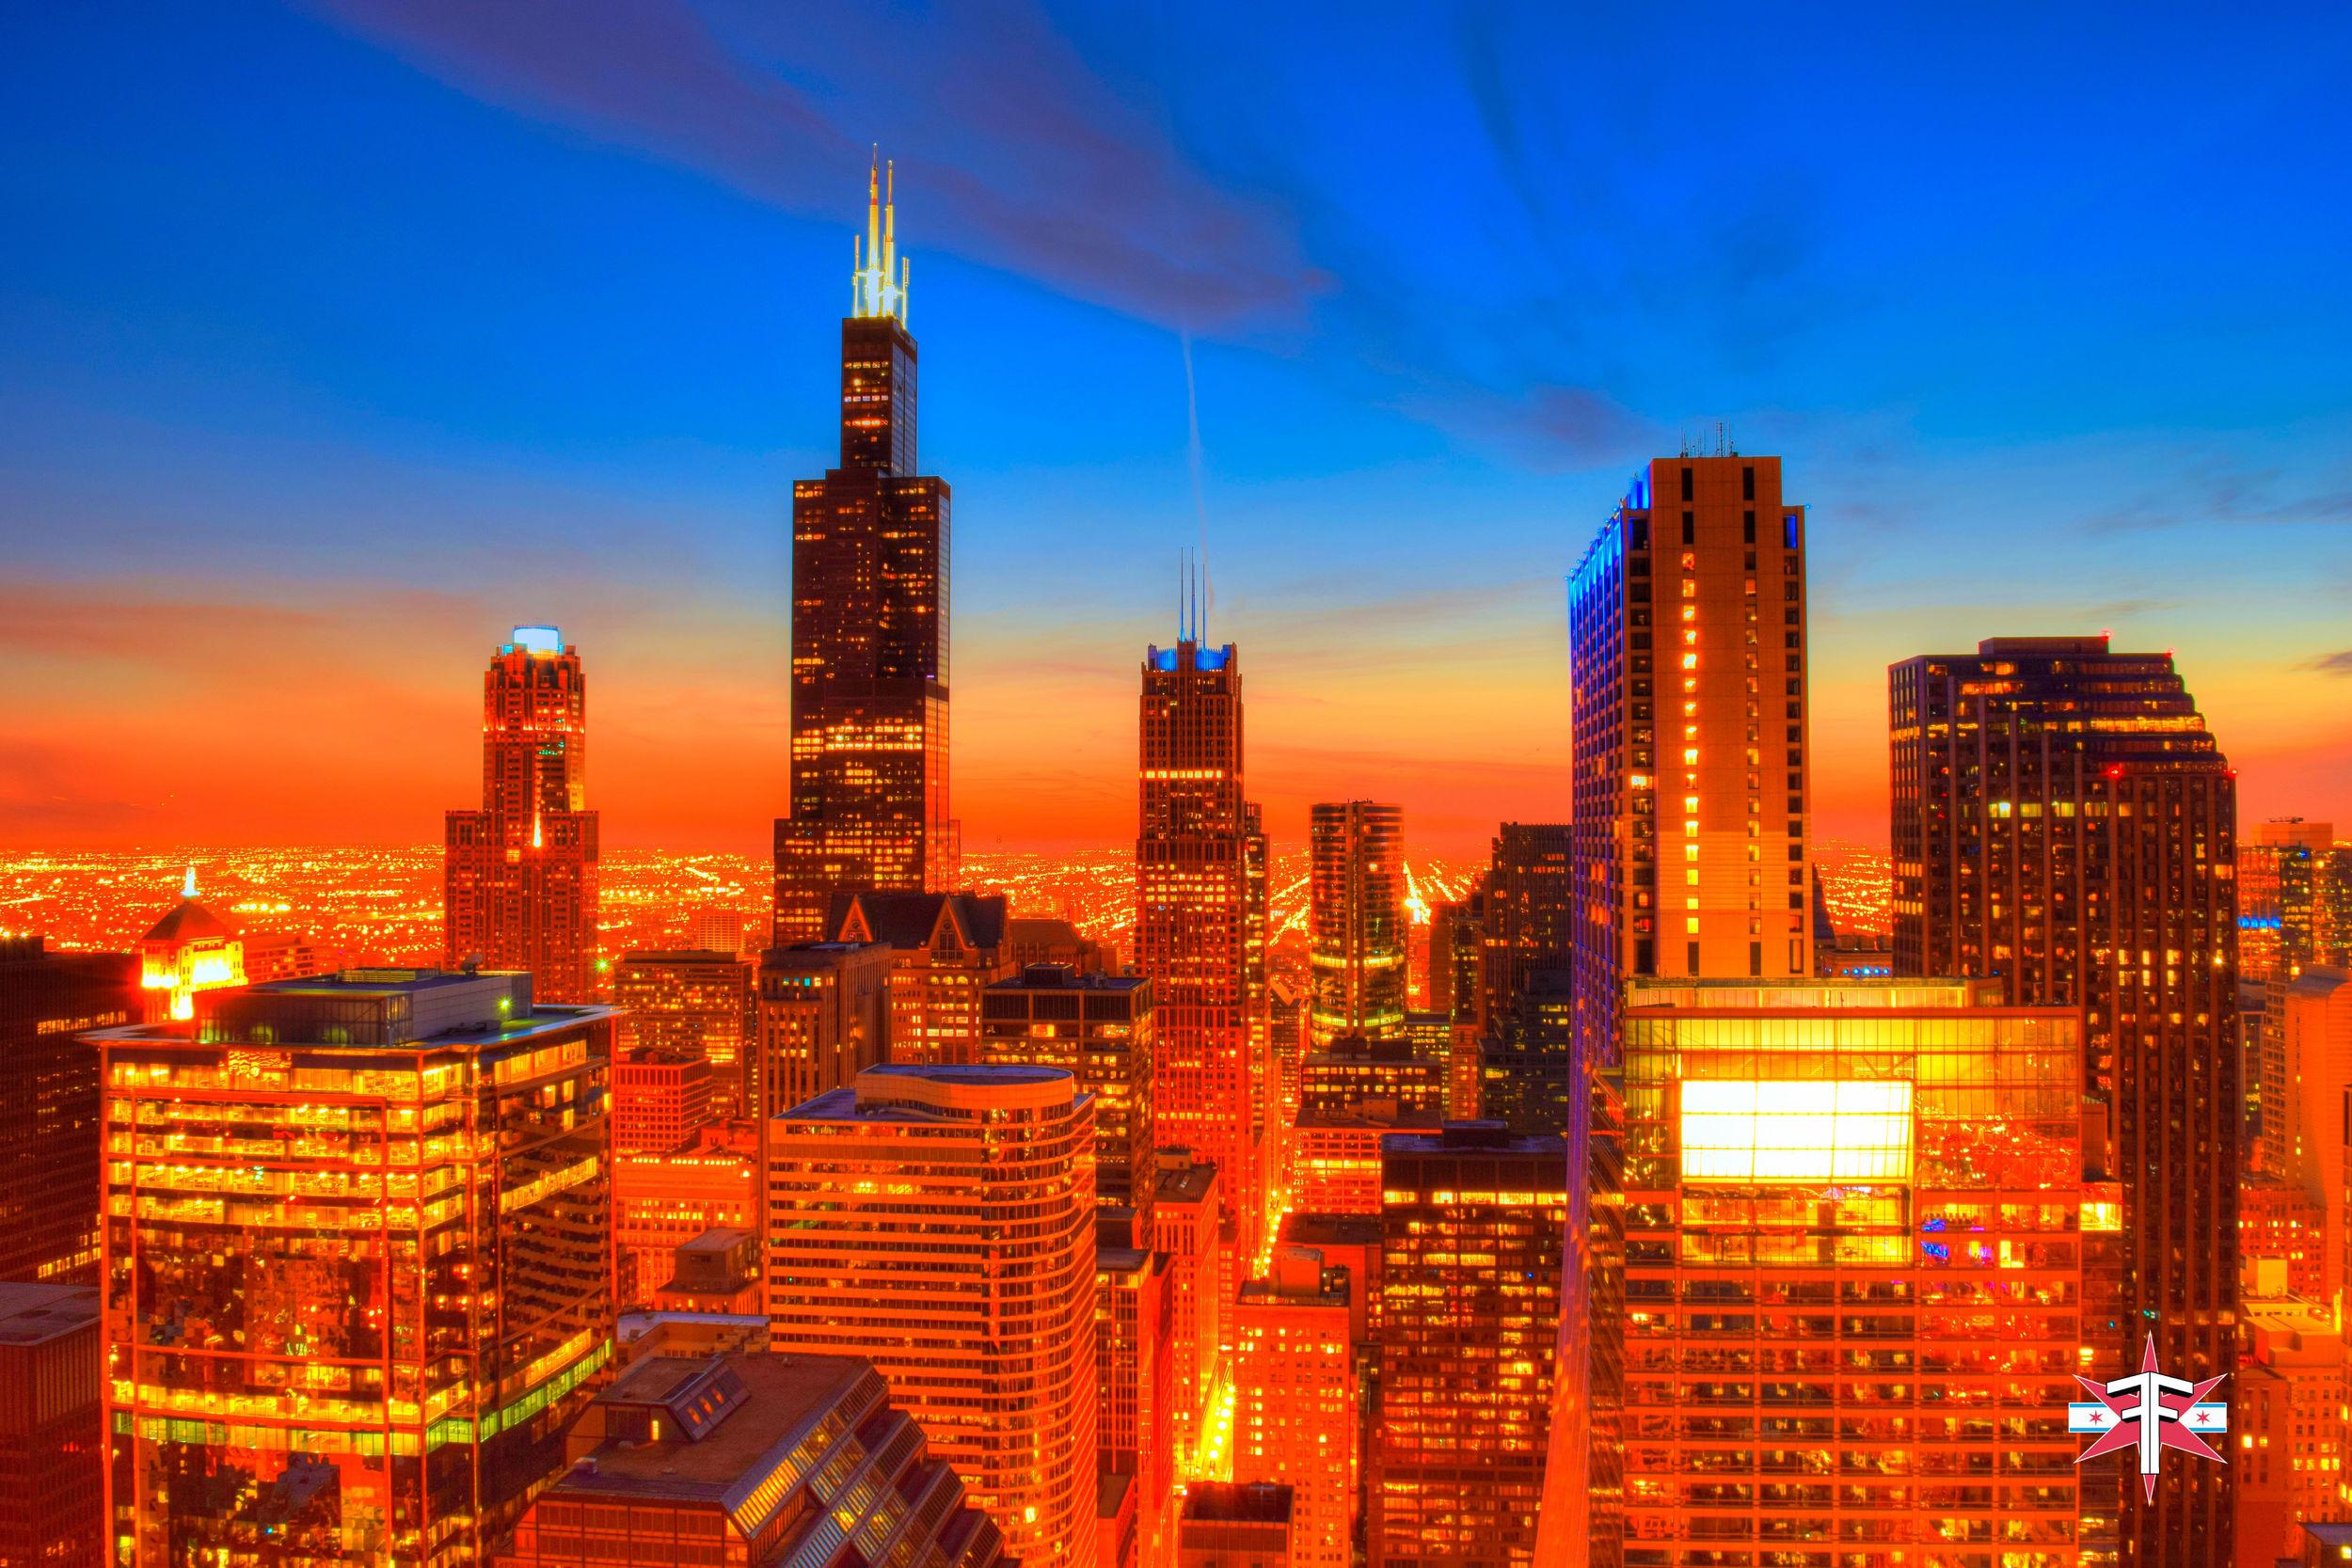 chicago art architecture eric formato photography design arquitectura architettura buildings skyscraper skyscrapers-163.jpg